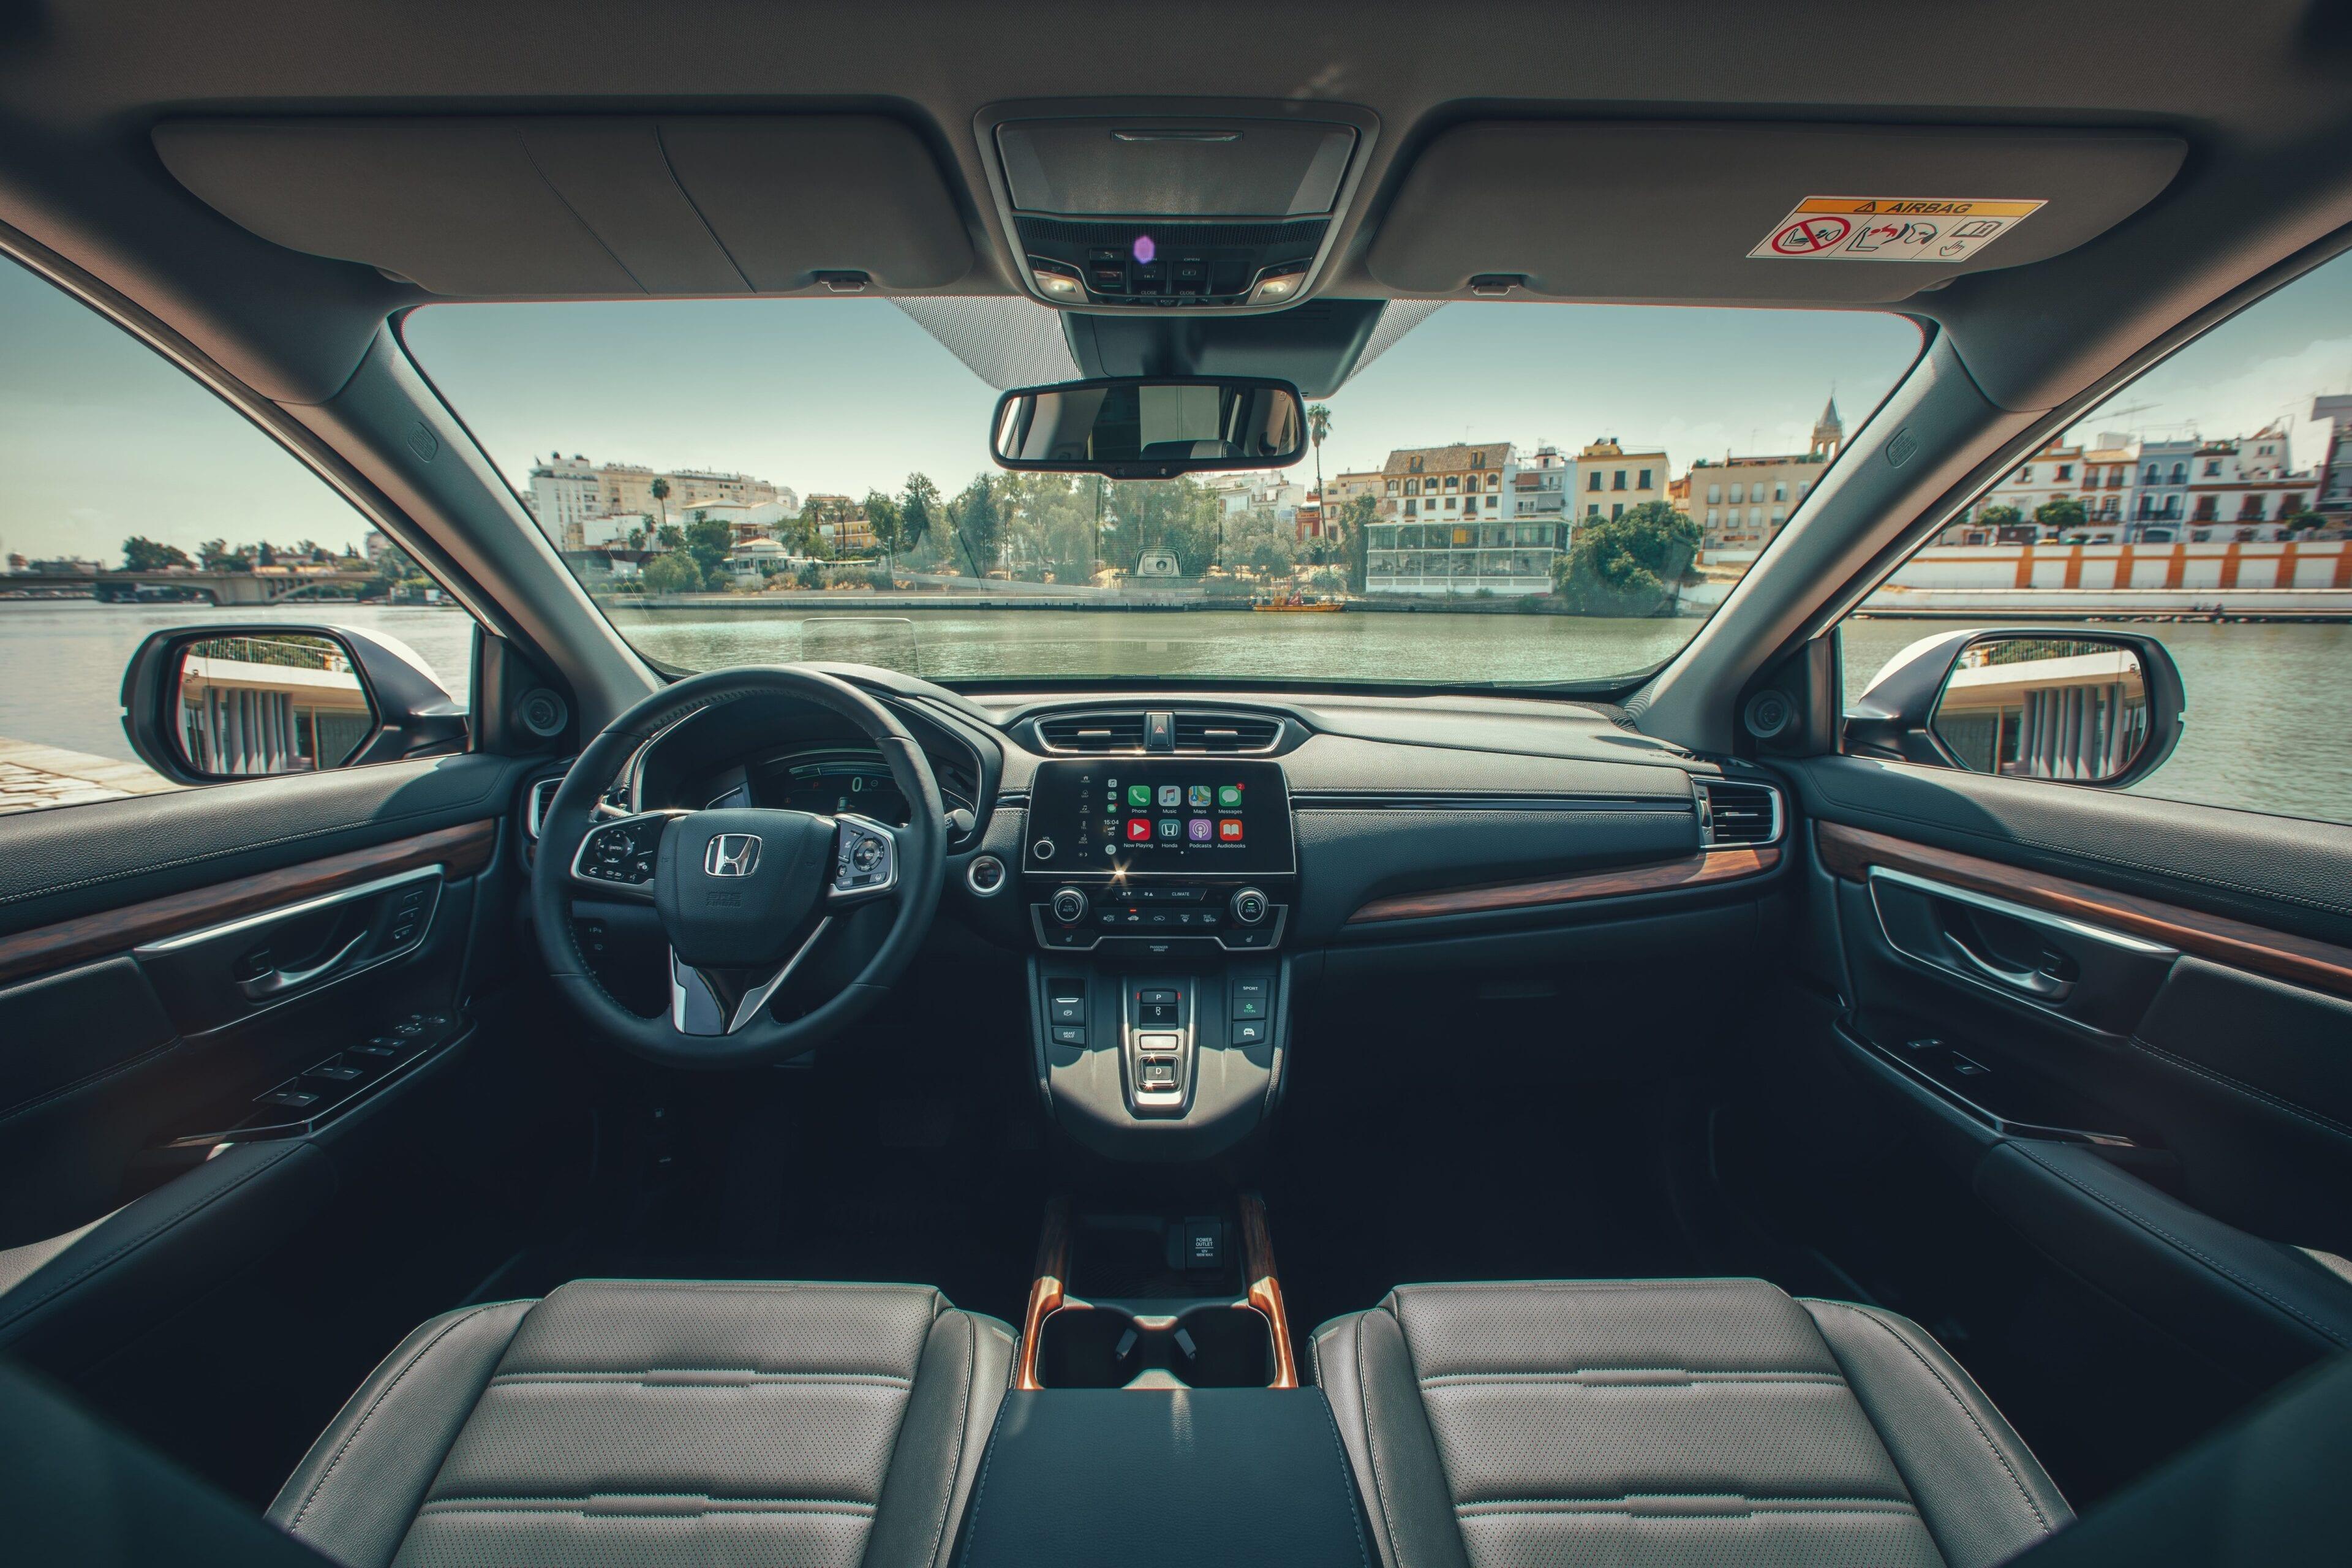 In de volledige auto vindt u stijlvol gestikte soft-touch panelen, waardoor u omringd wordt door comfort en elegantie